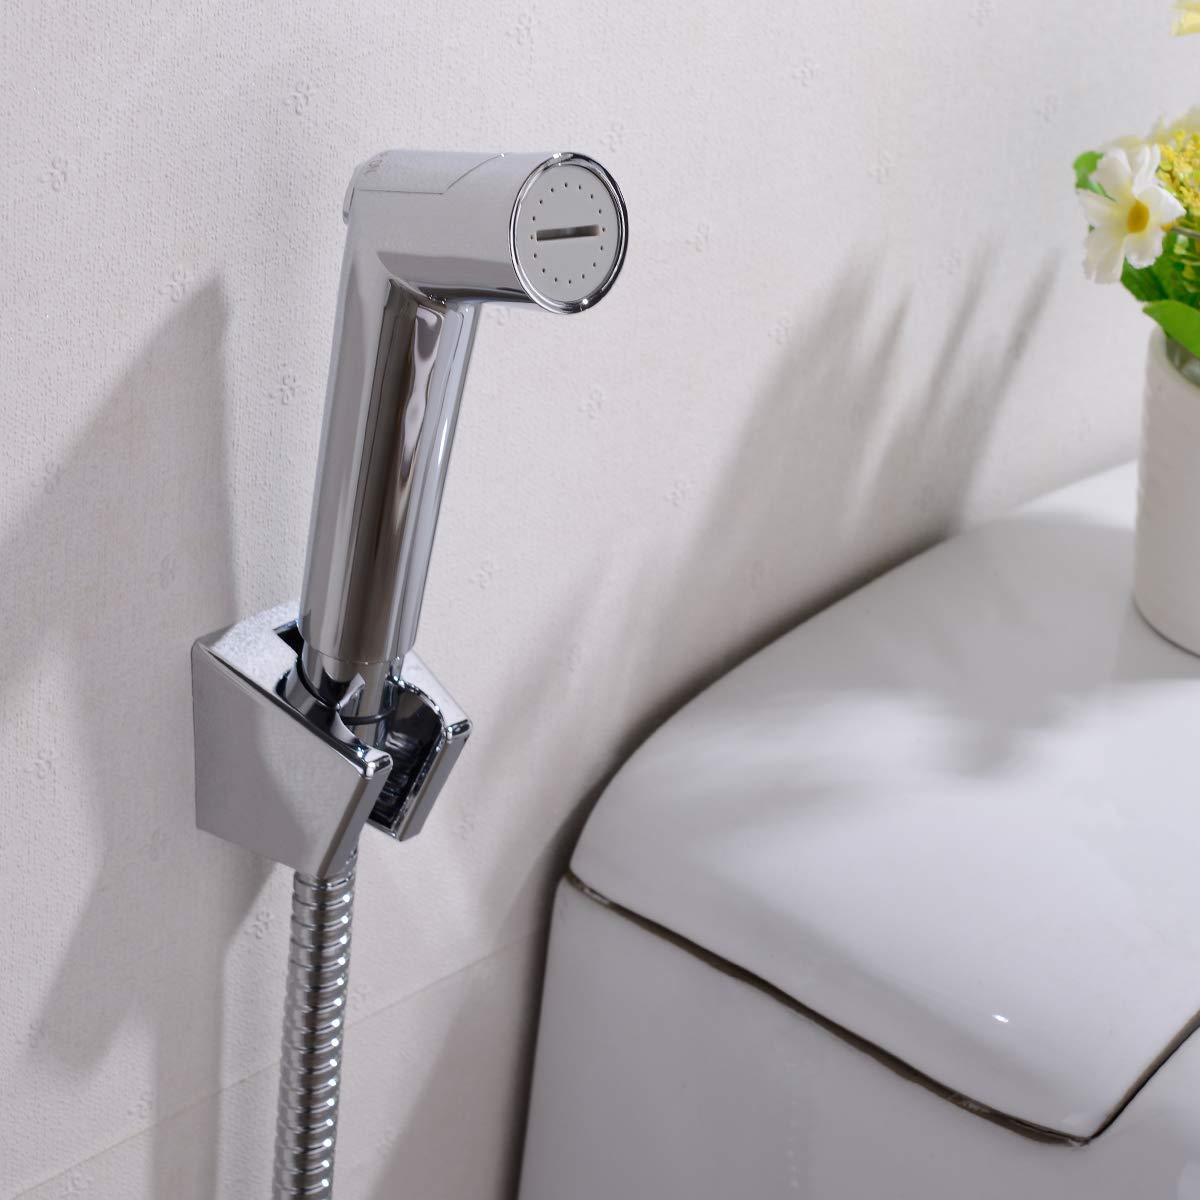 cromo lucidato TRUSTMI spruzzatore del bidet del bagno per WC rubinetto di doccia musulmano tenuto in mano